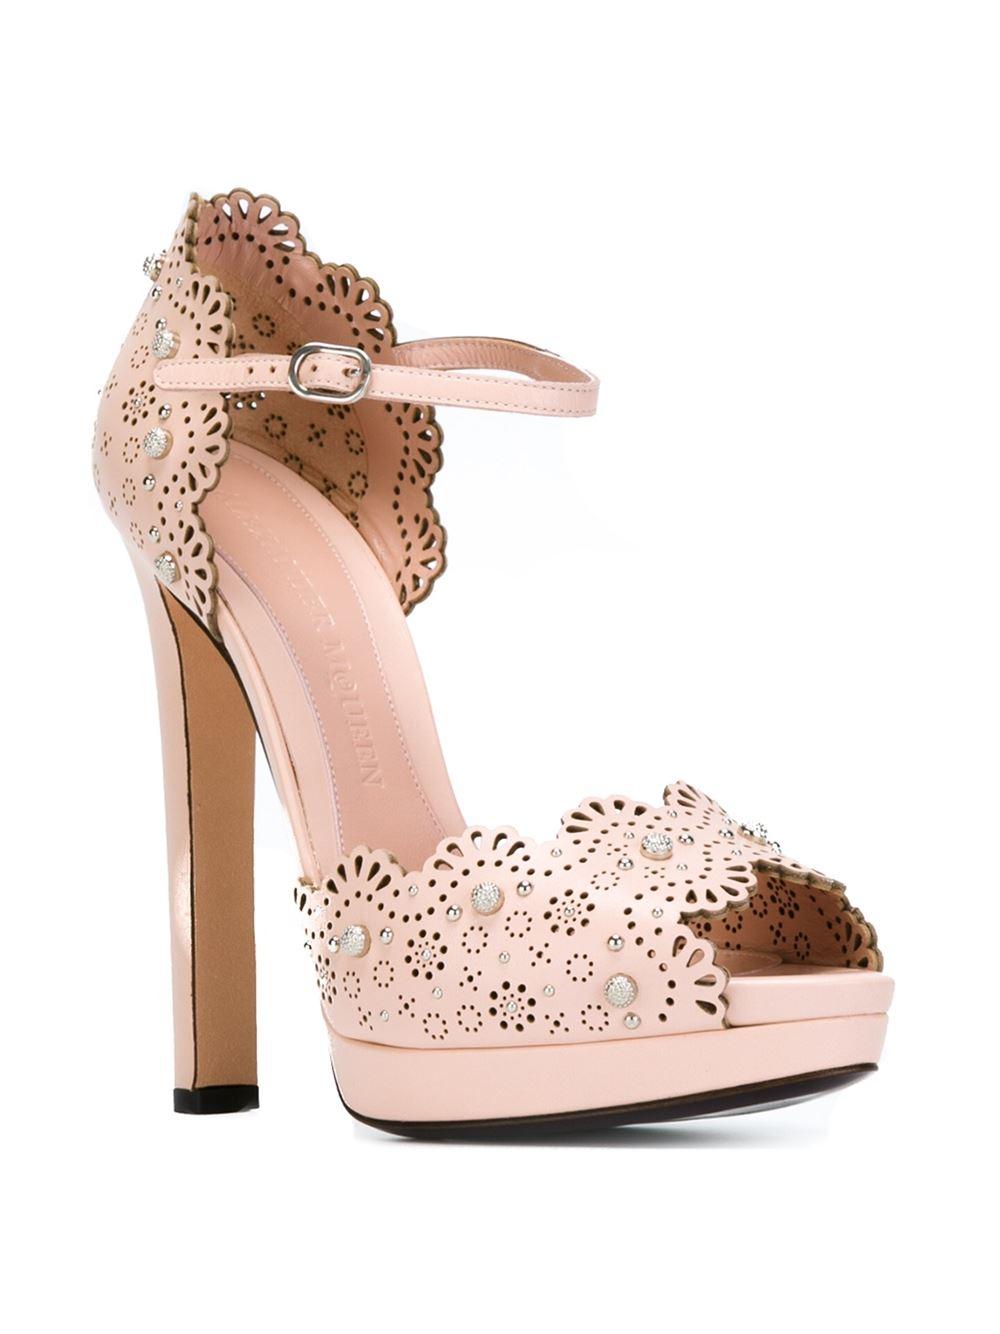 alex_mcqueen_heels1.jpg